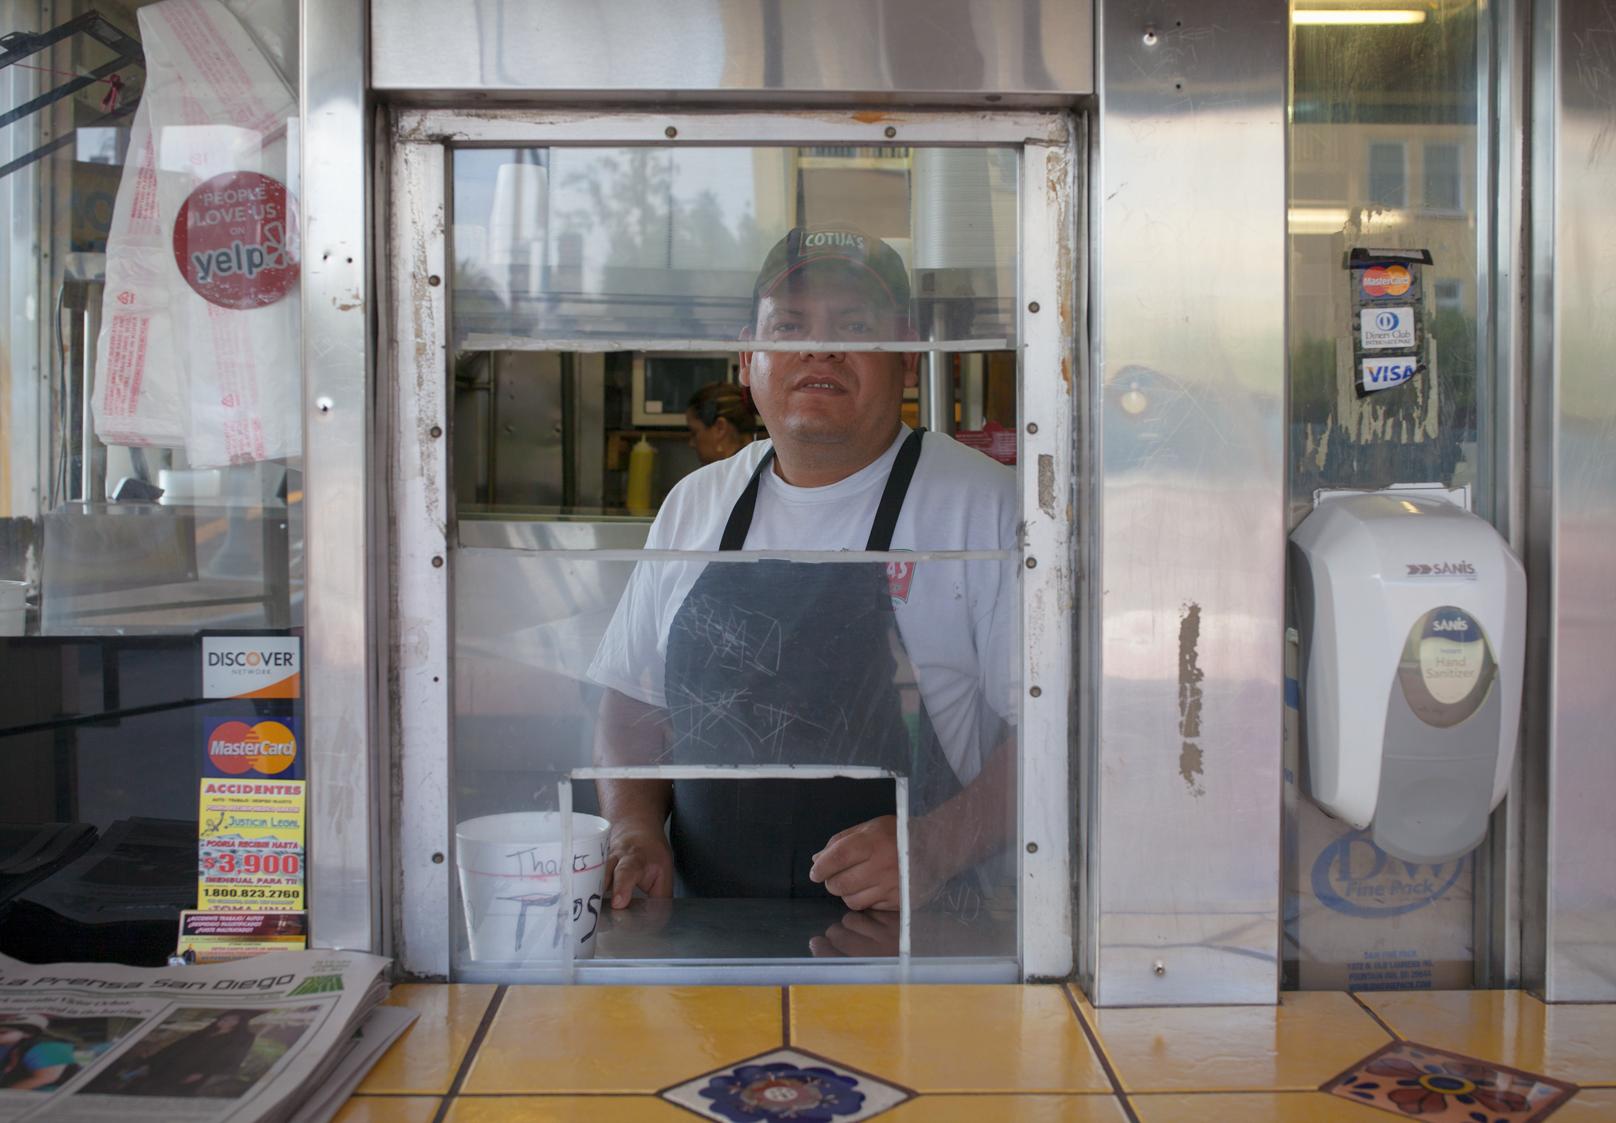 STEVE, OWNER, Cotija's Taco Shop